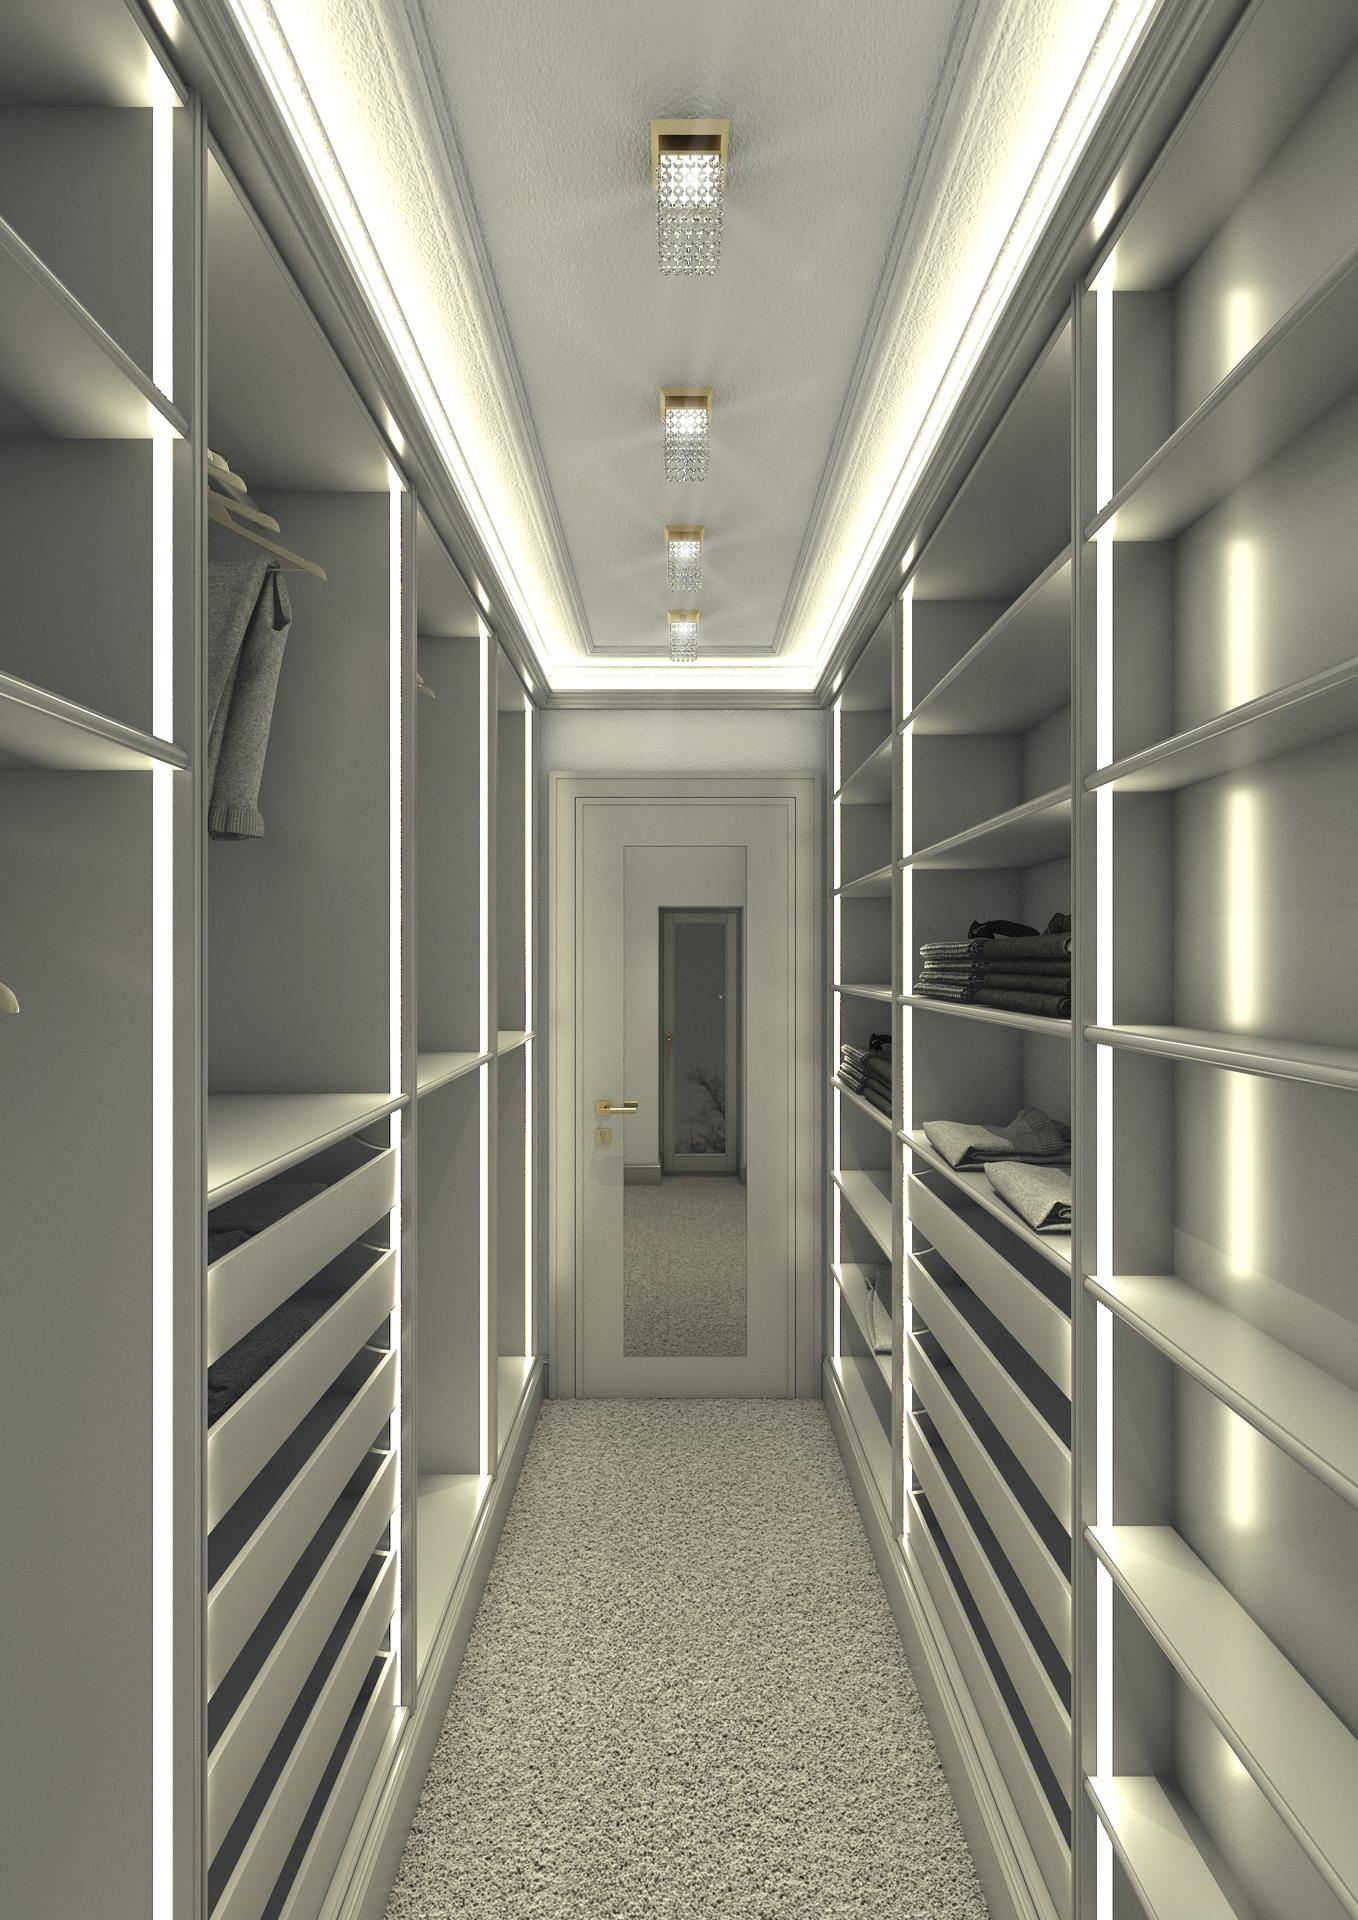 tischlerei-decker-visualisierungen-Klassisch-Schrankraum